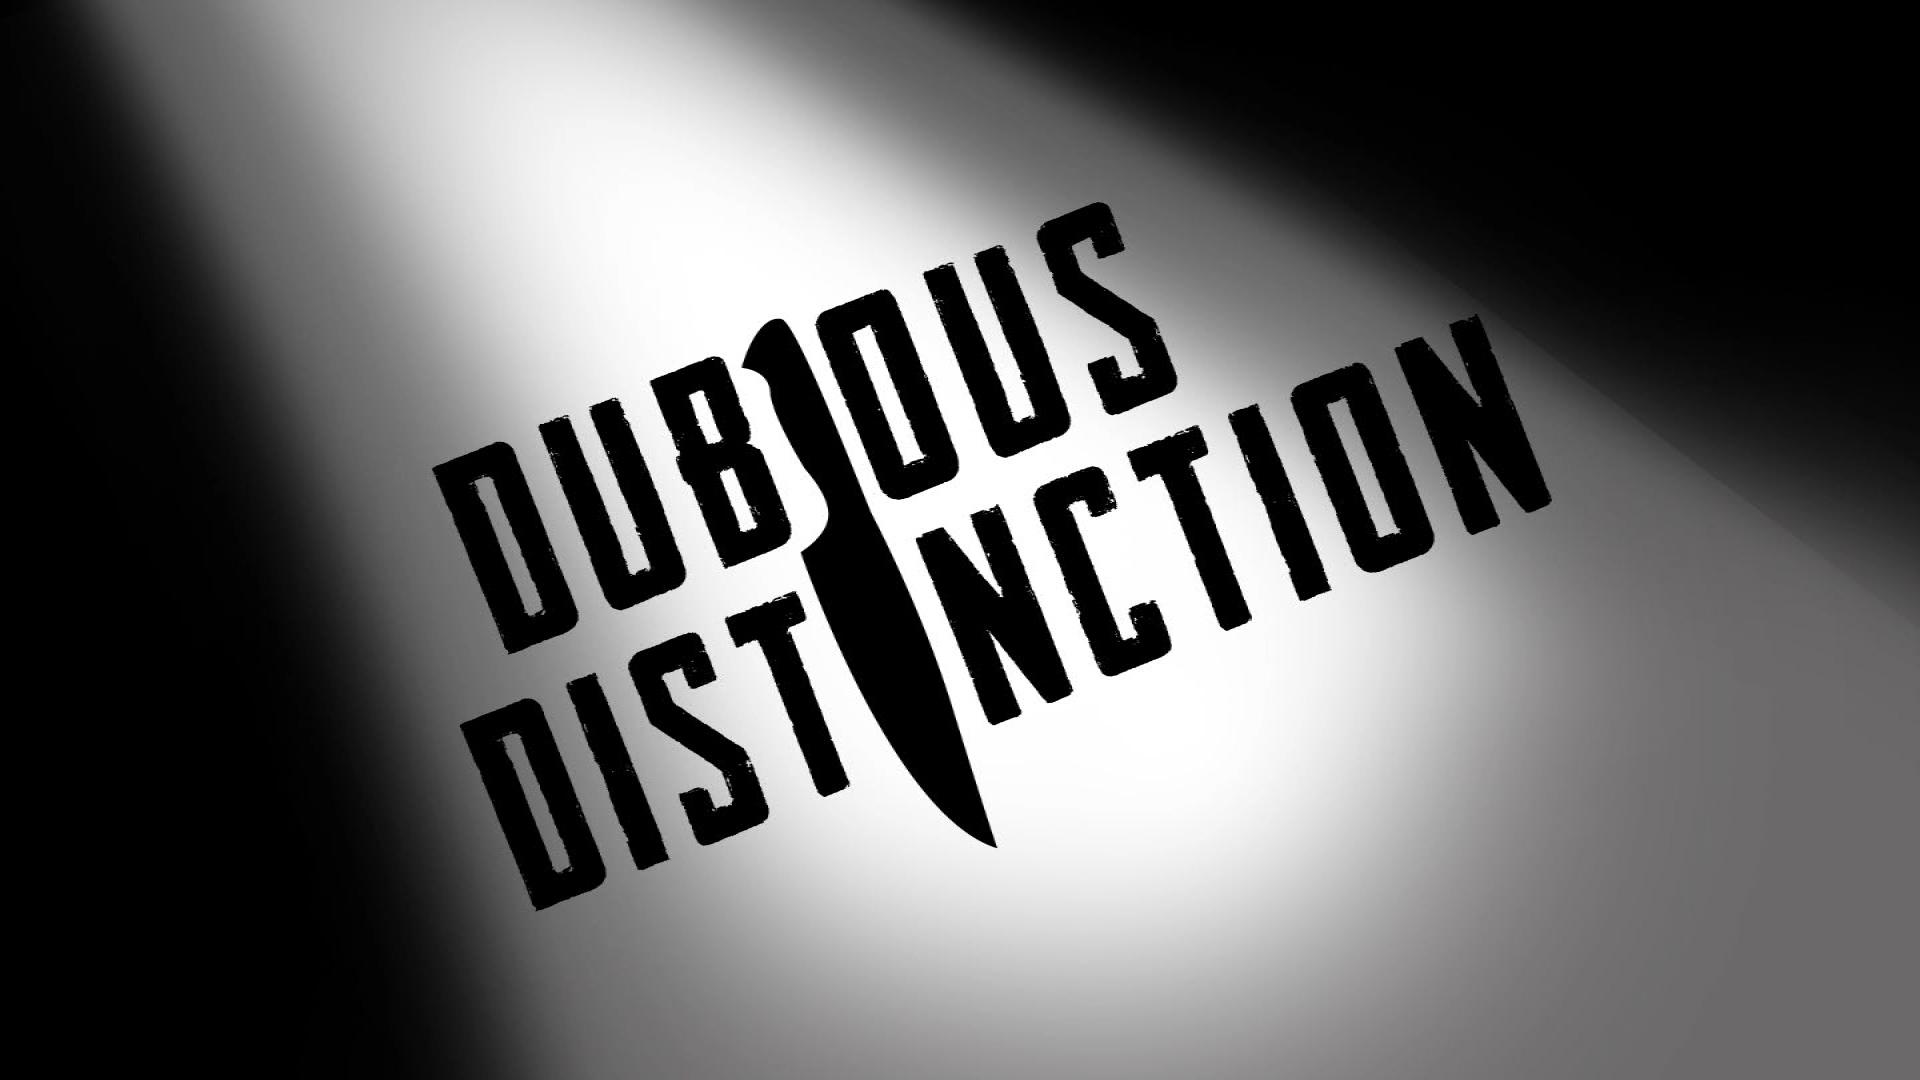 Dubious Distinction: Lewiston crew's film in Elite Eight at First Night Spokane